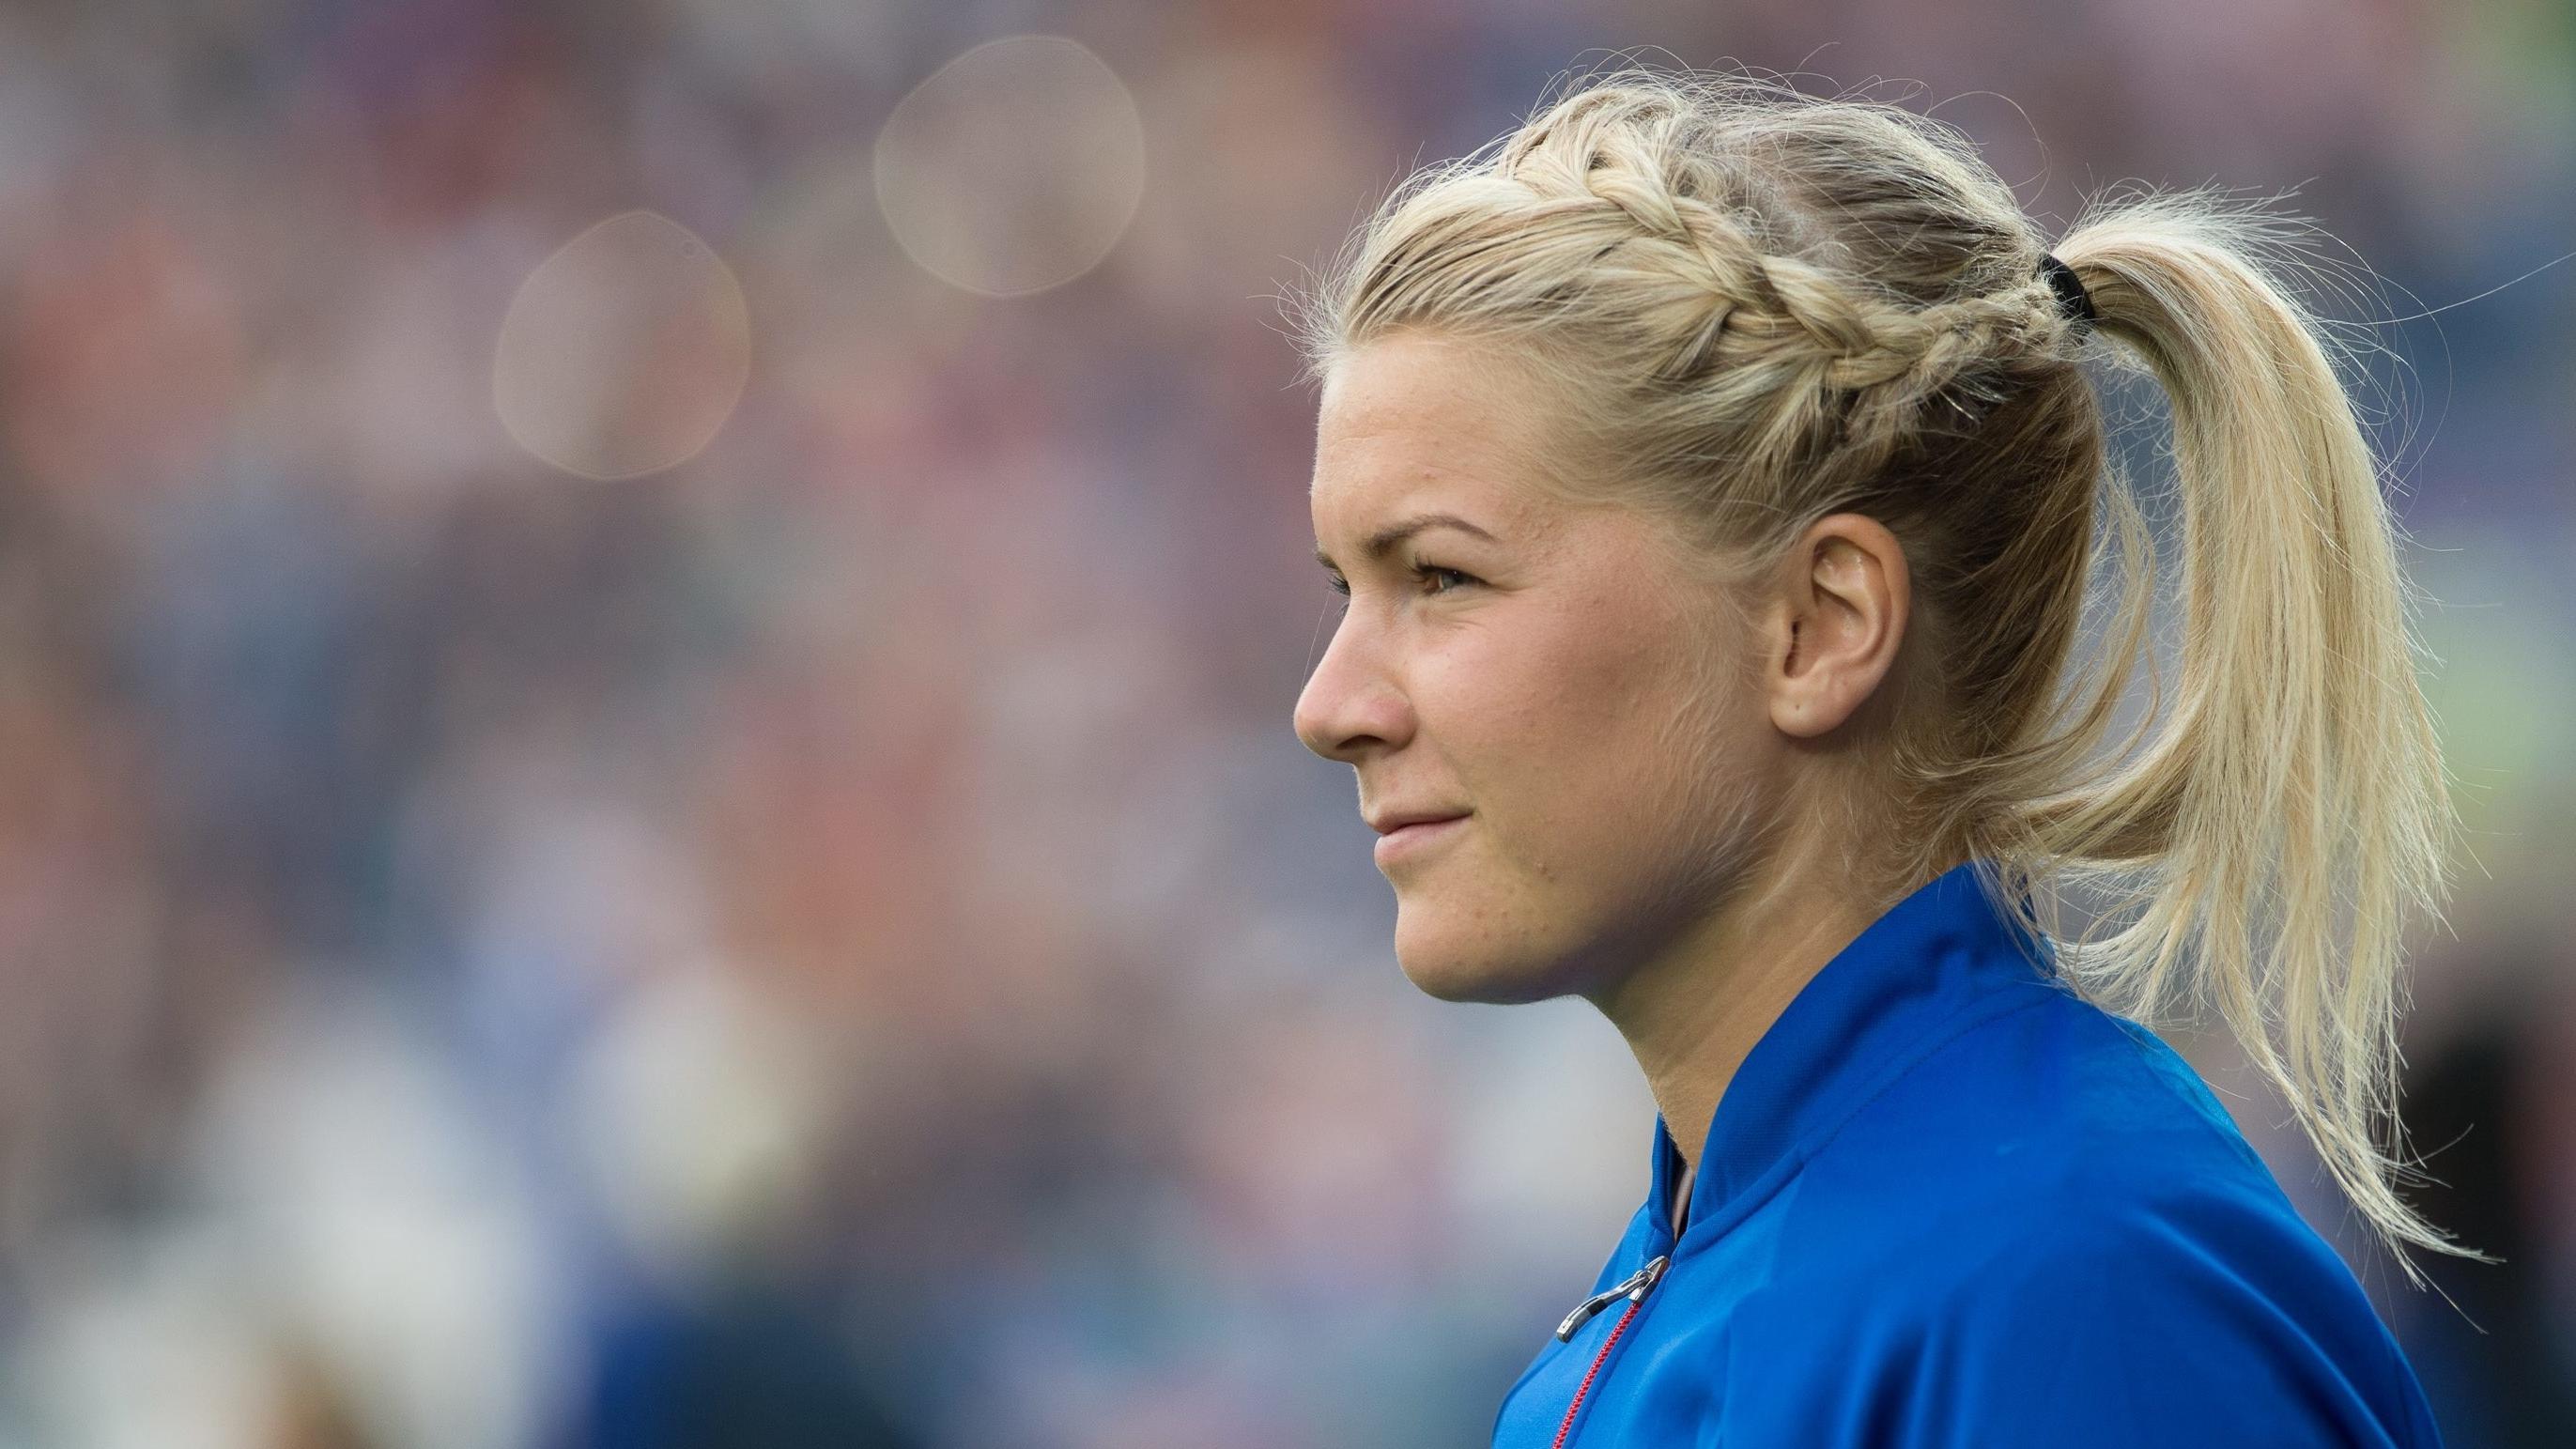 Die norwegische Fußballerin Ada Hegerberg